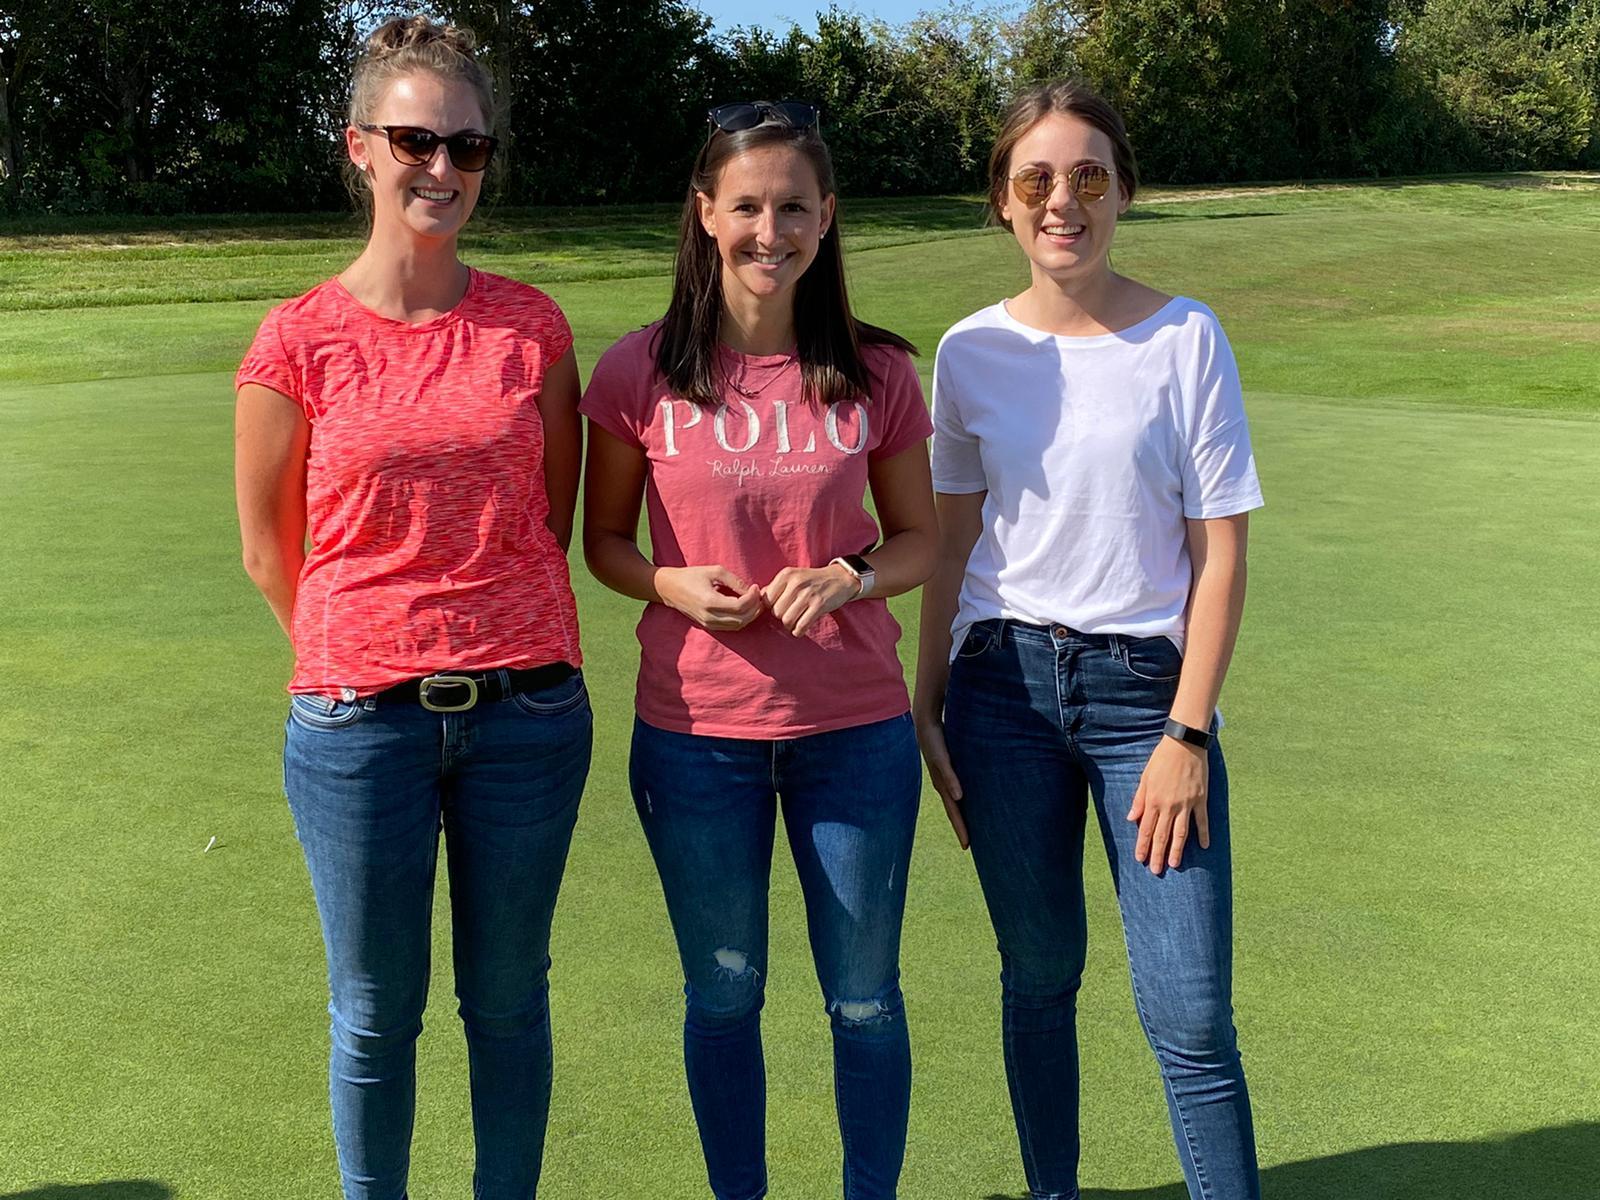 Wir gratulieren herzlich den 3 glücklichen Siegerinnen!